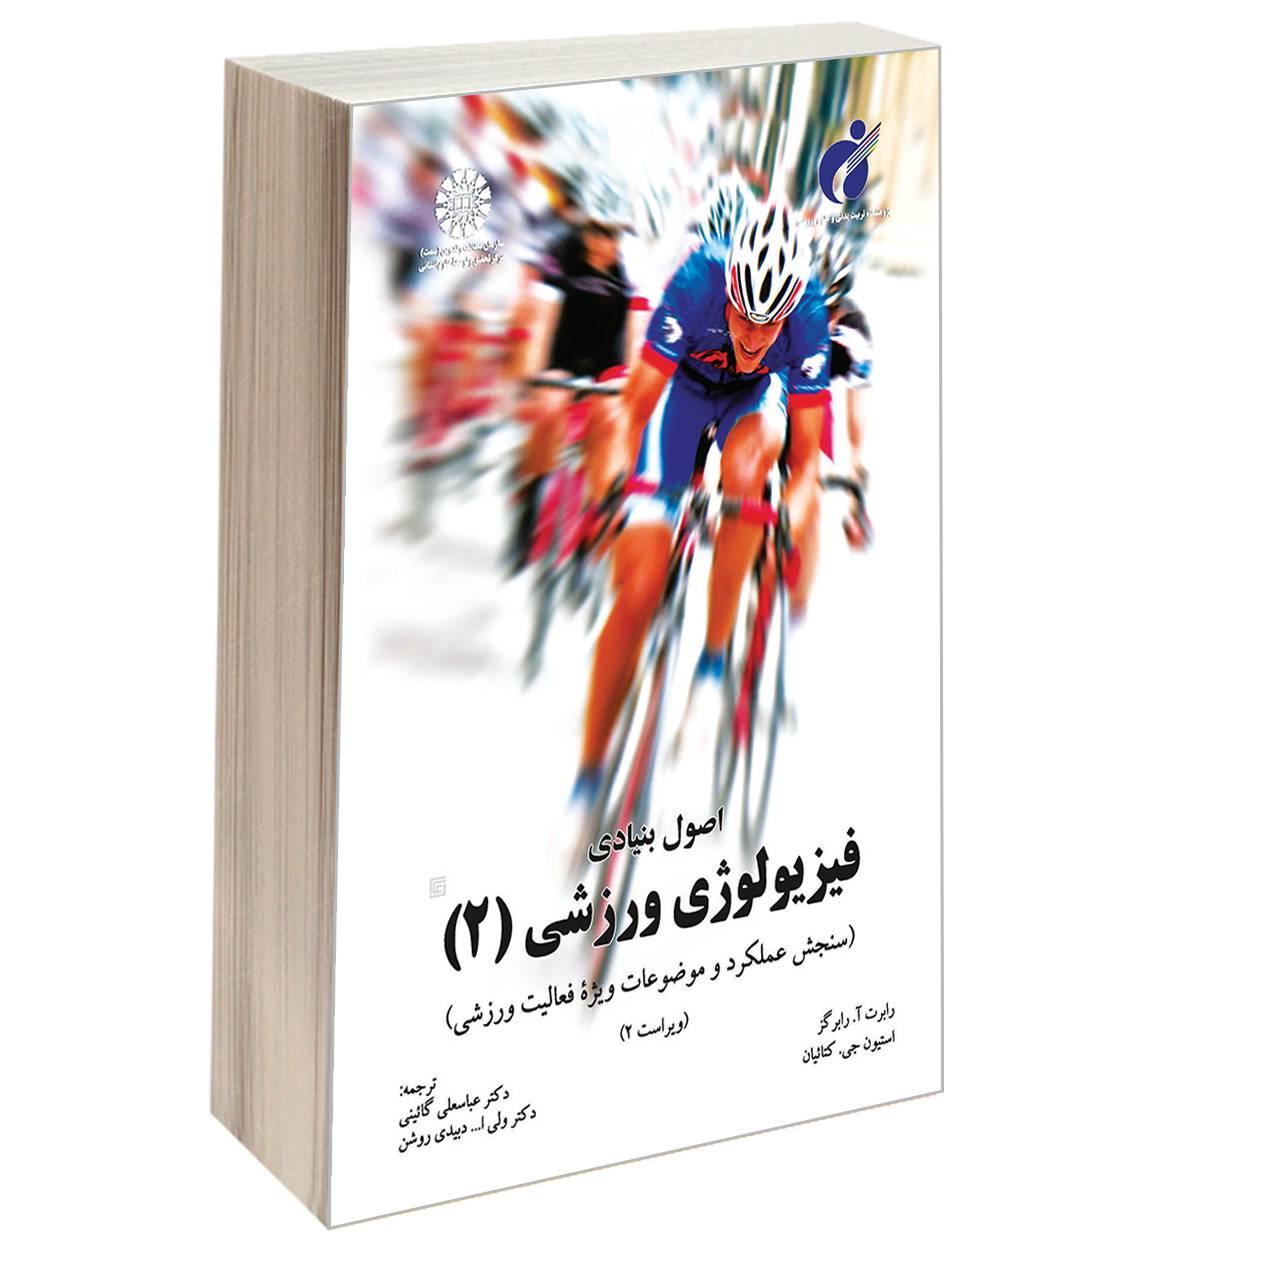 خرید                      کتاب اصول بنیادی فیزیولوژی ورزشی 2 اثر رابرت آ. رابرگز و استیون جی. کتائیان نشر سمت